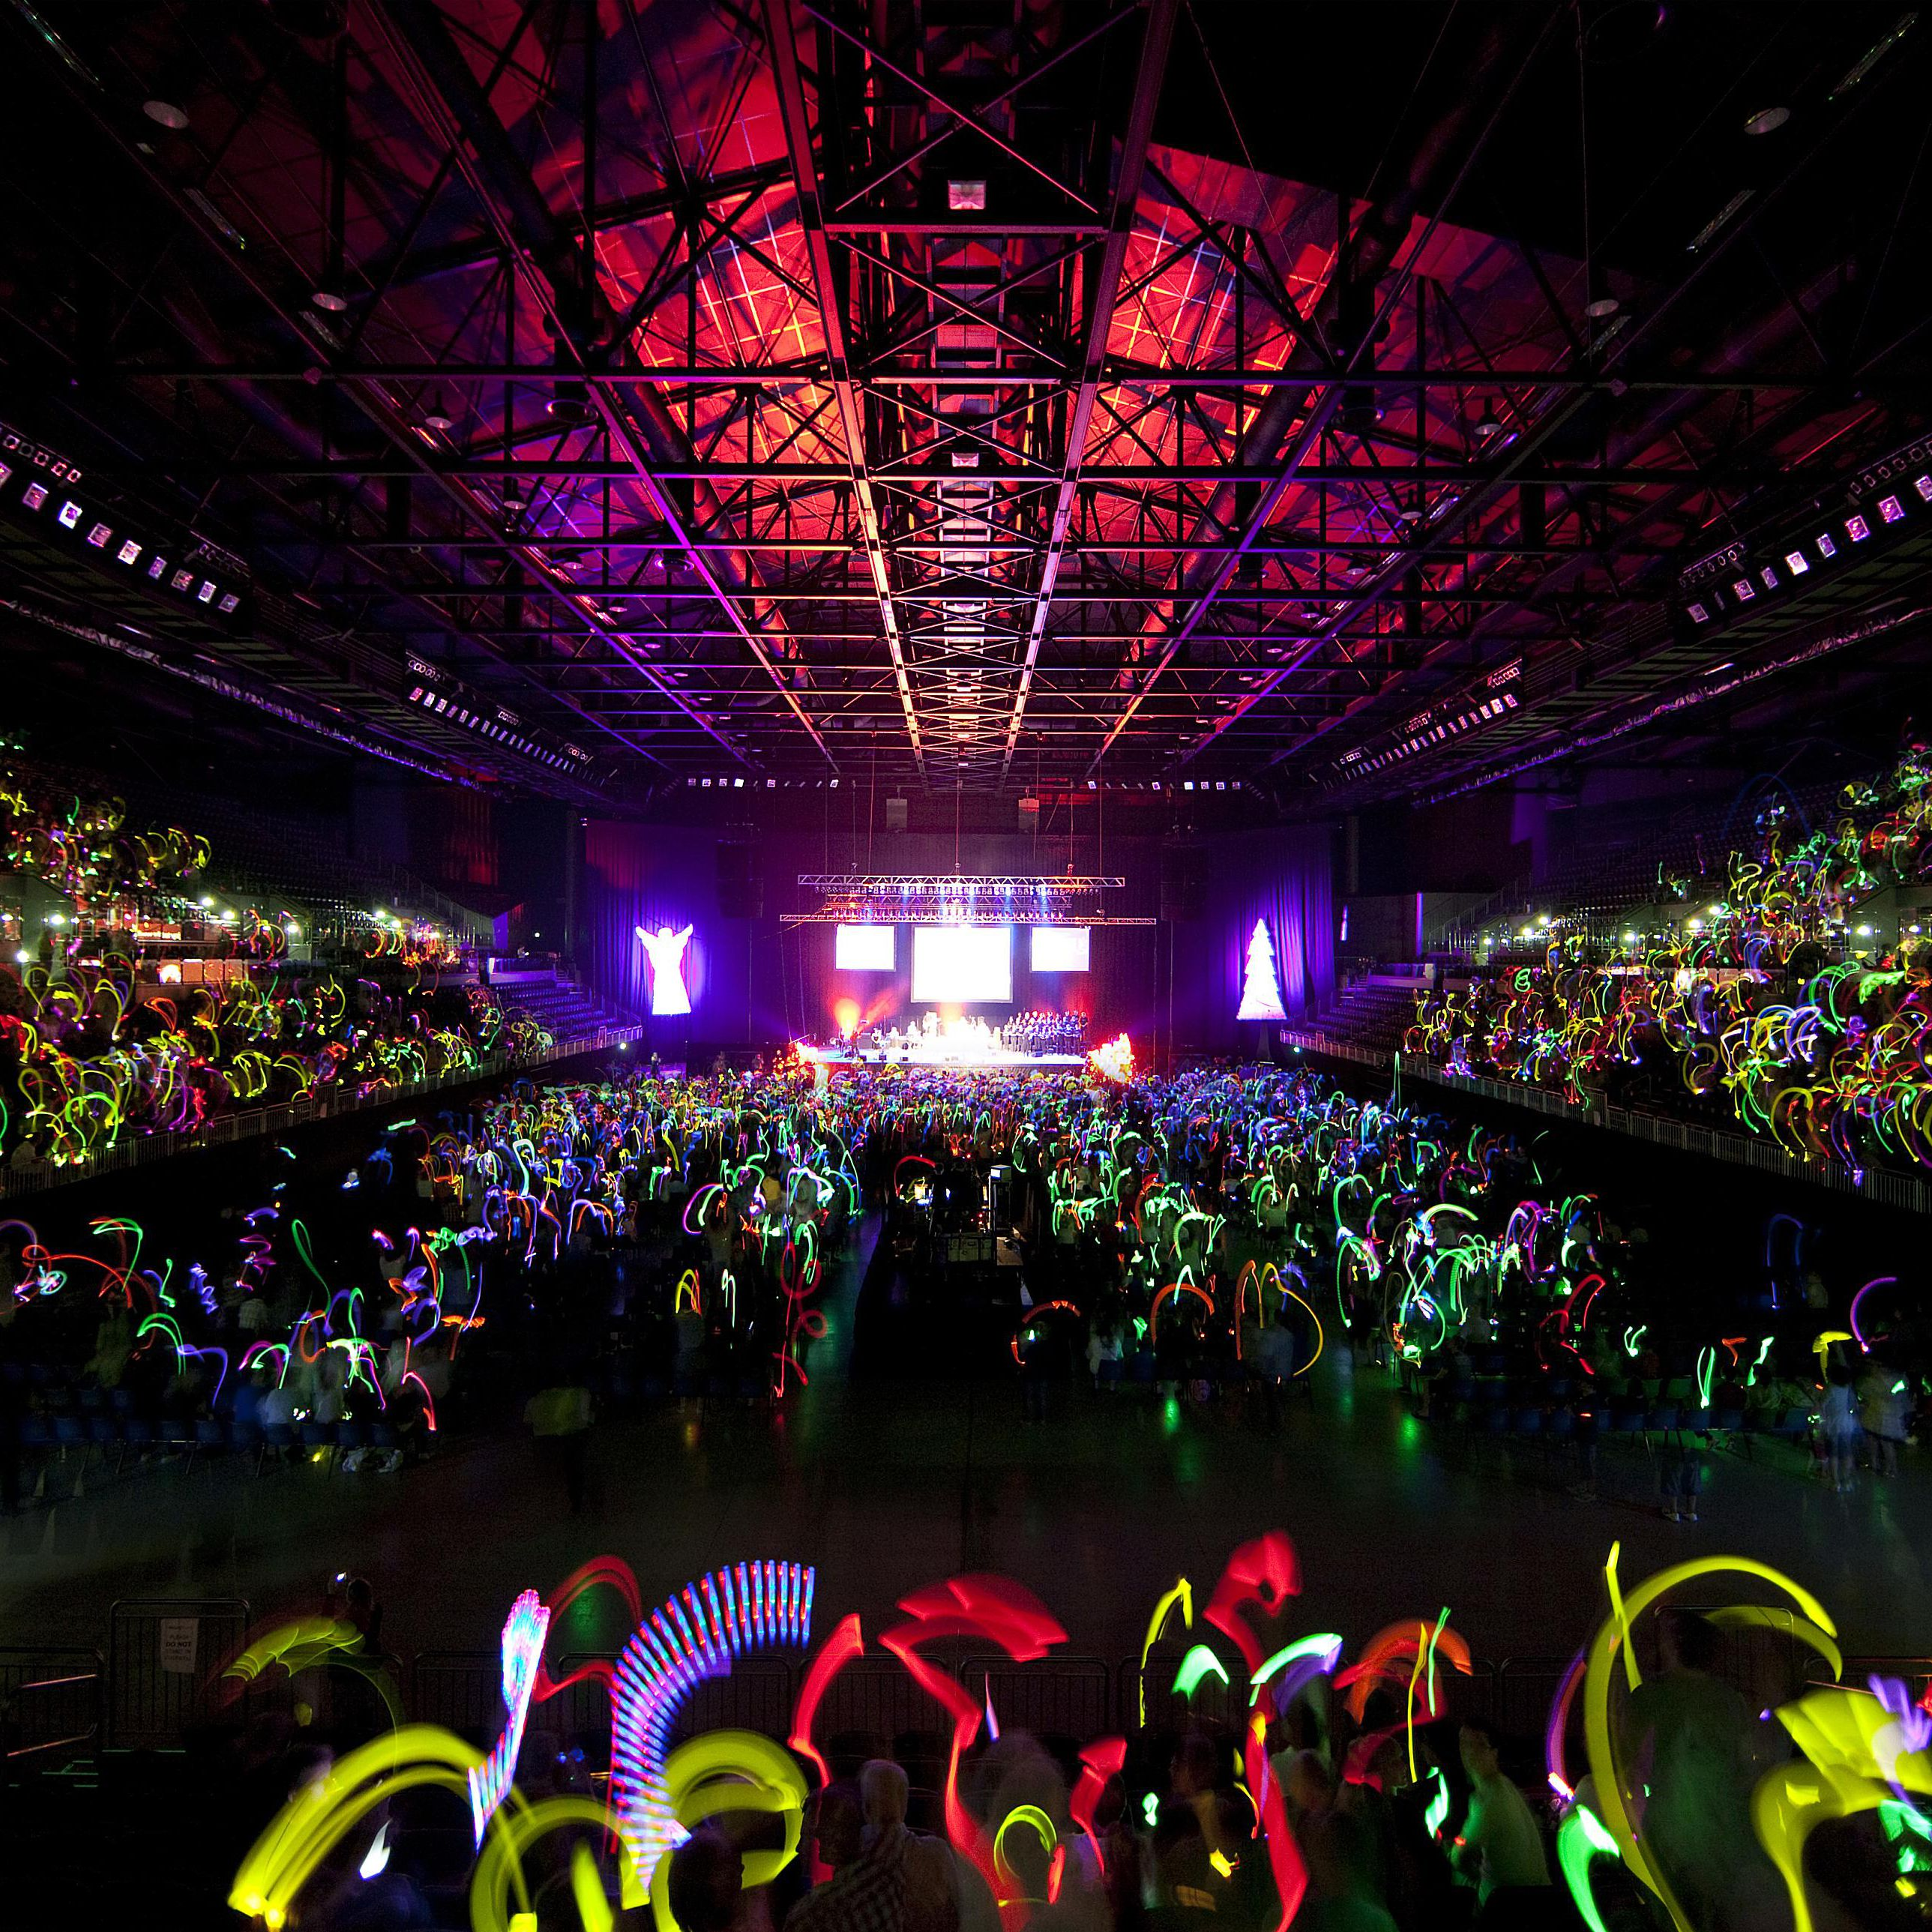 Glow Party Ideas